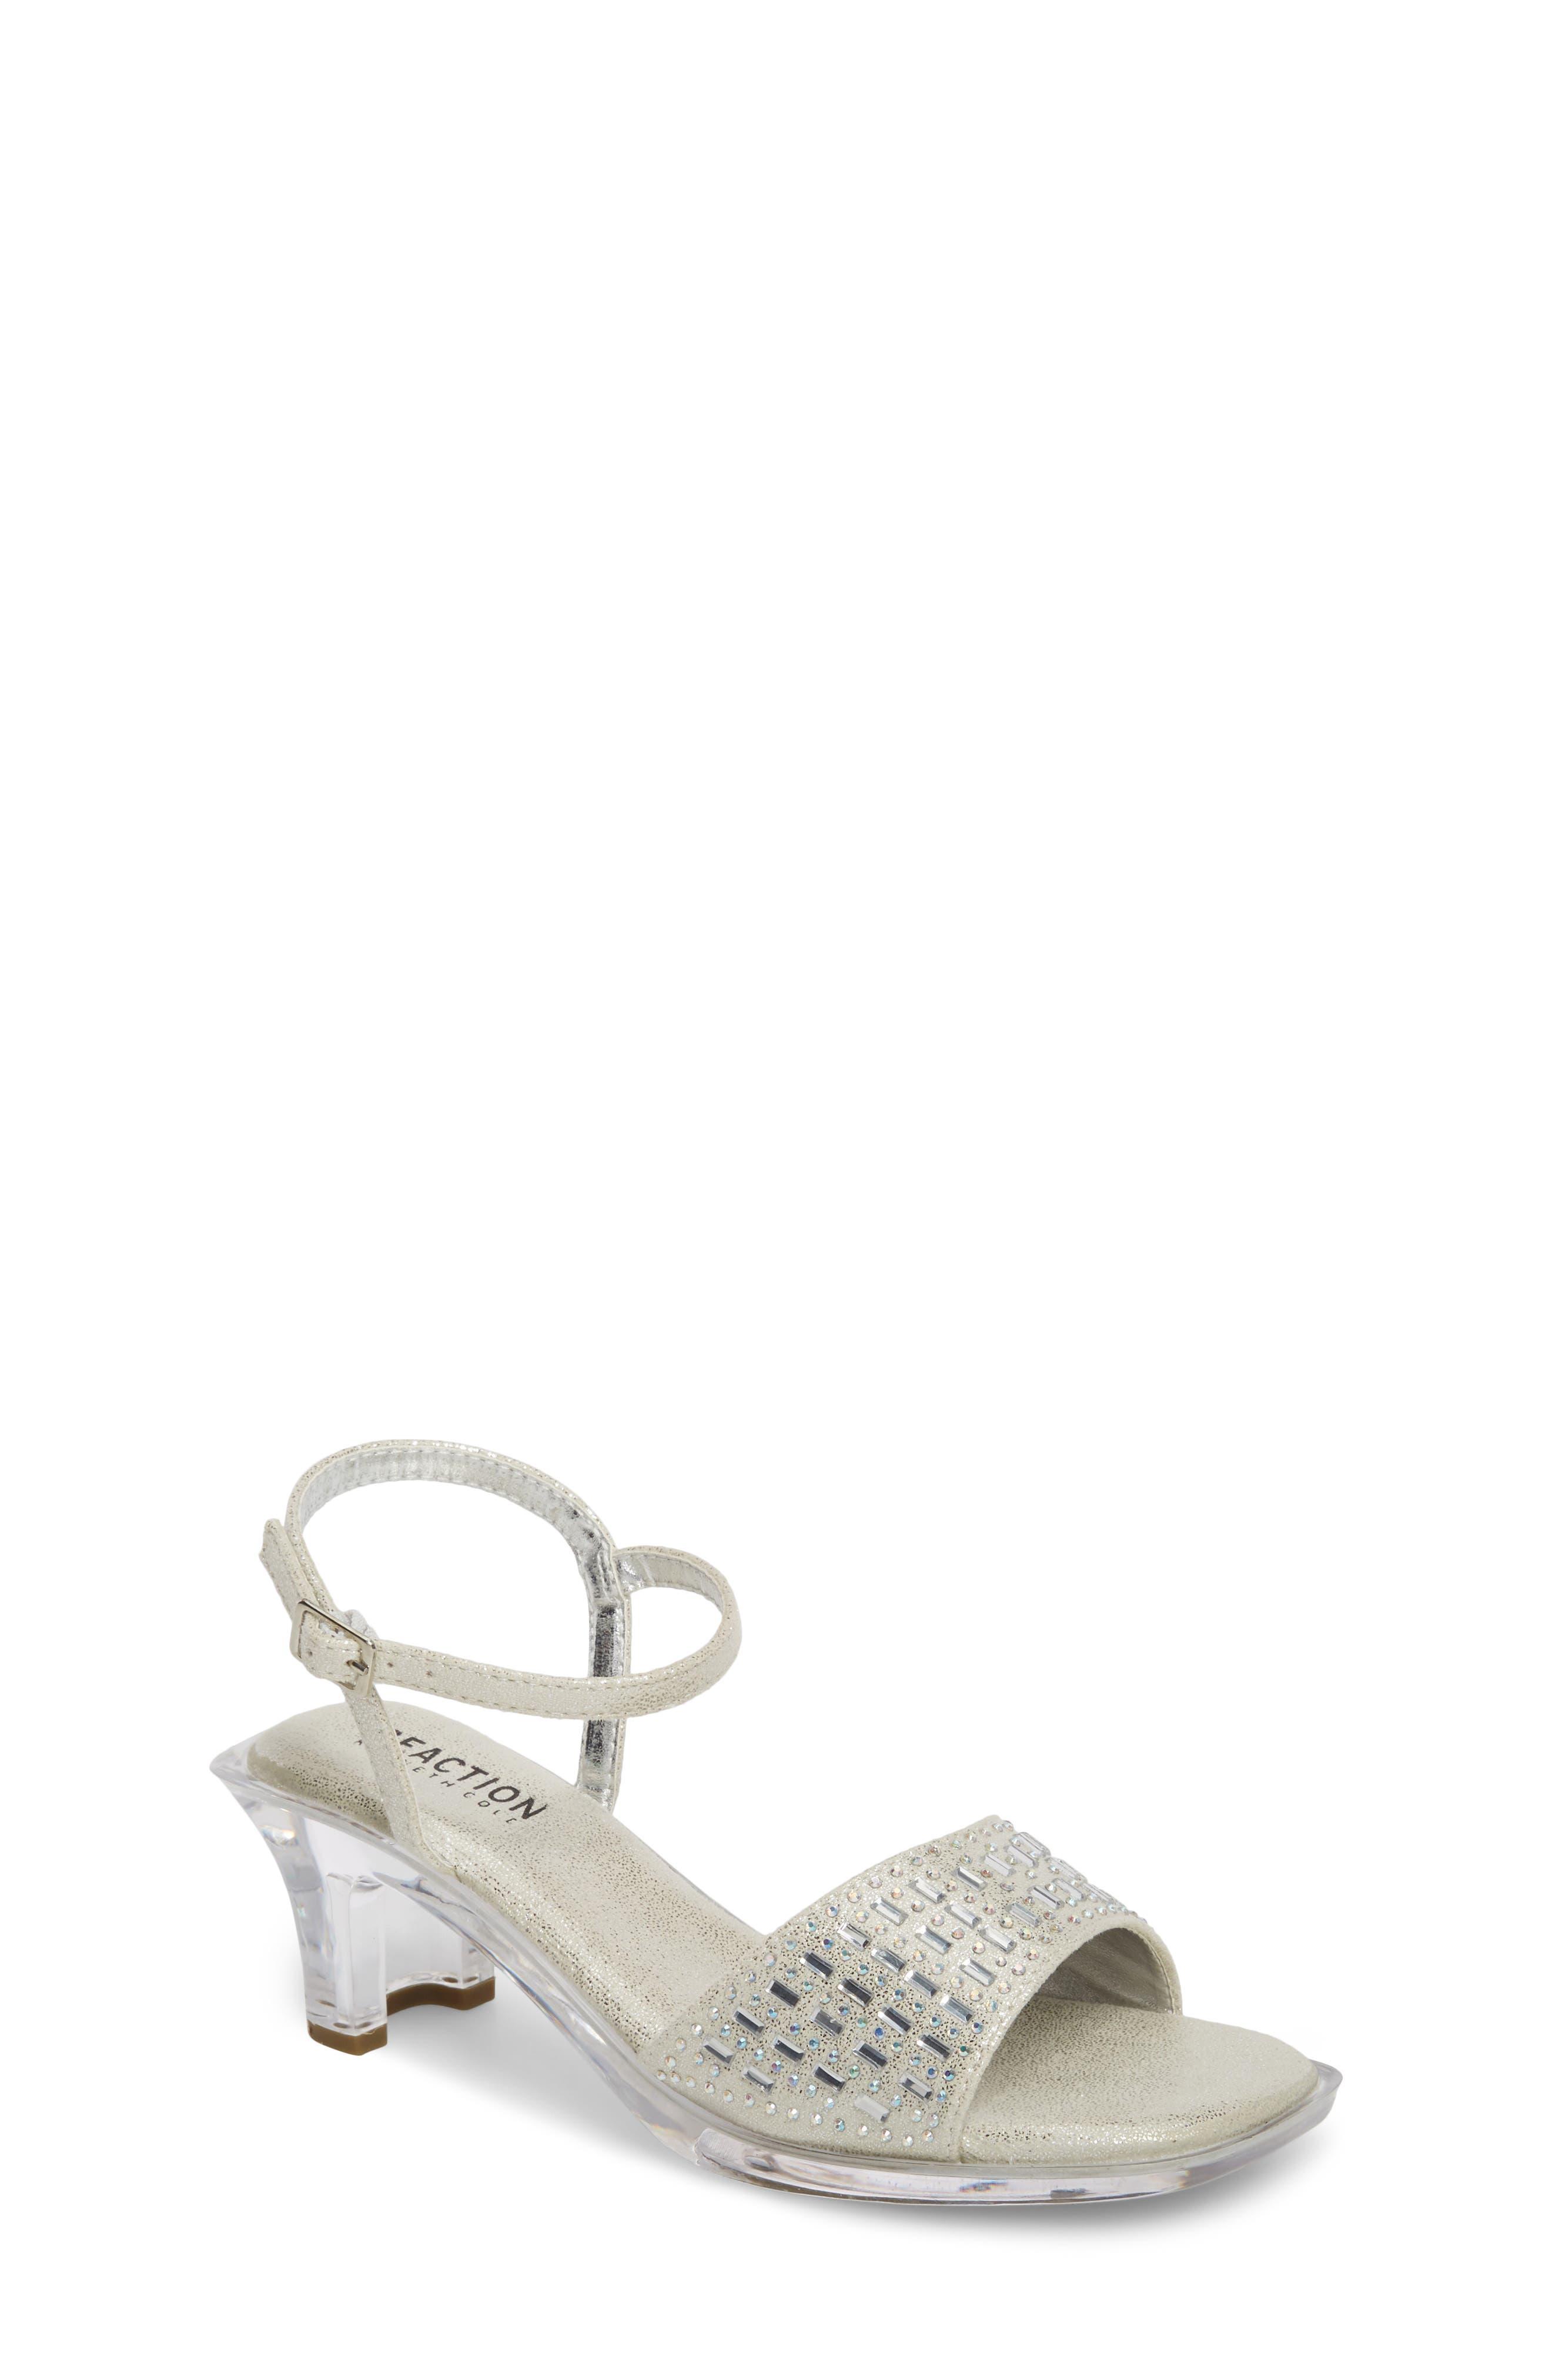 Cind-R-Ella Embellished Sandal,                             Main thumbnail 1, color,                             Silver